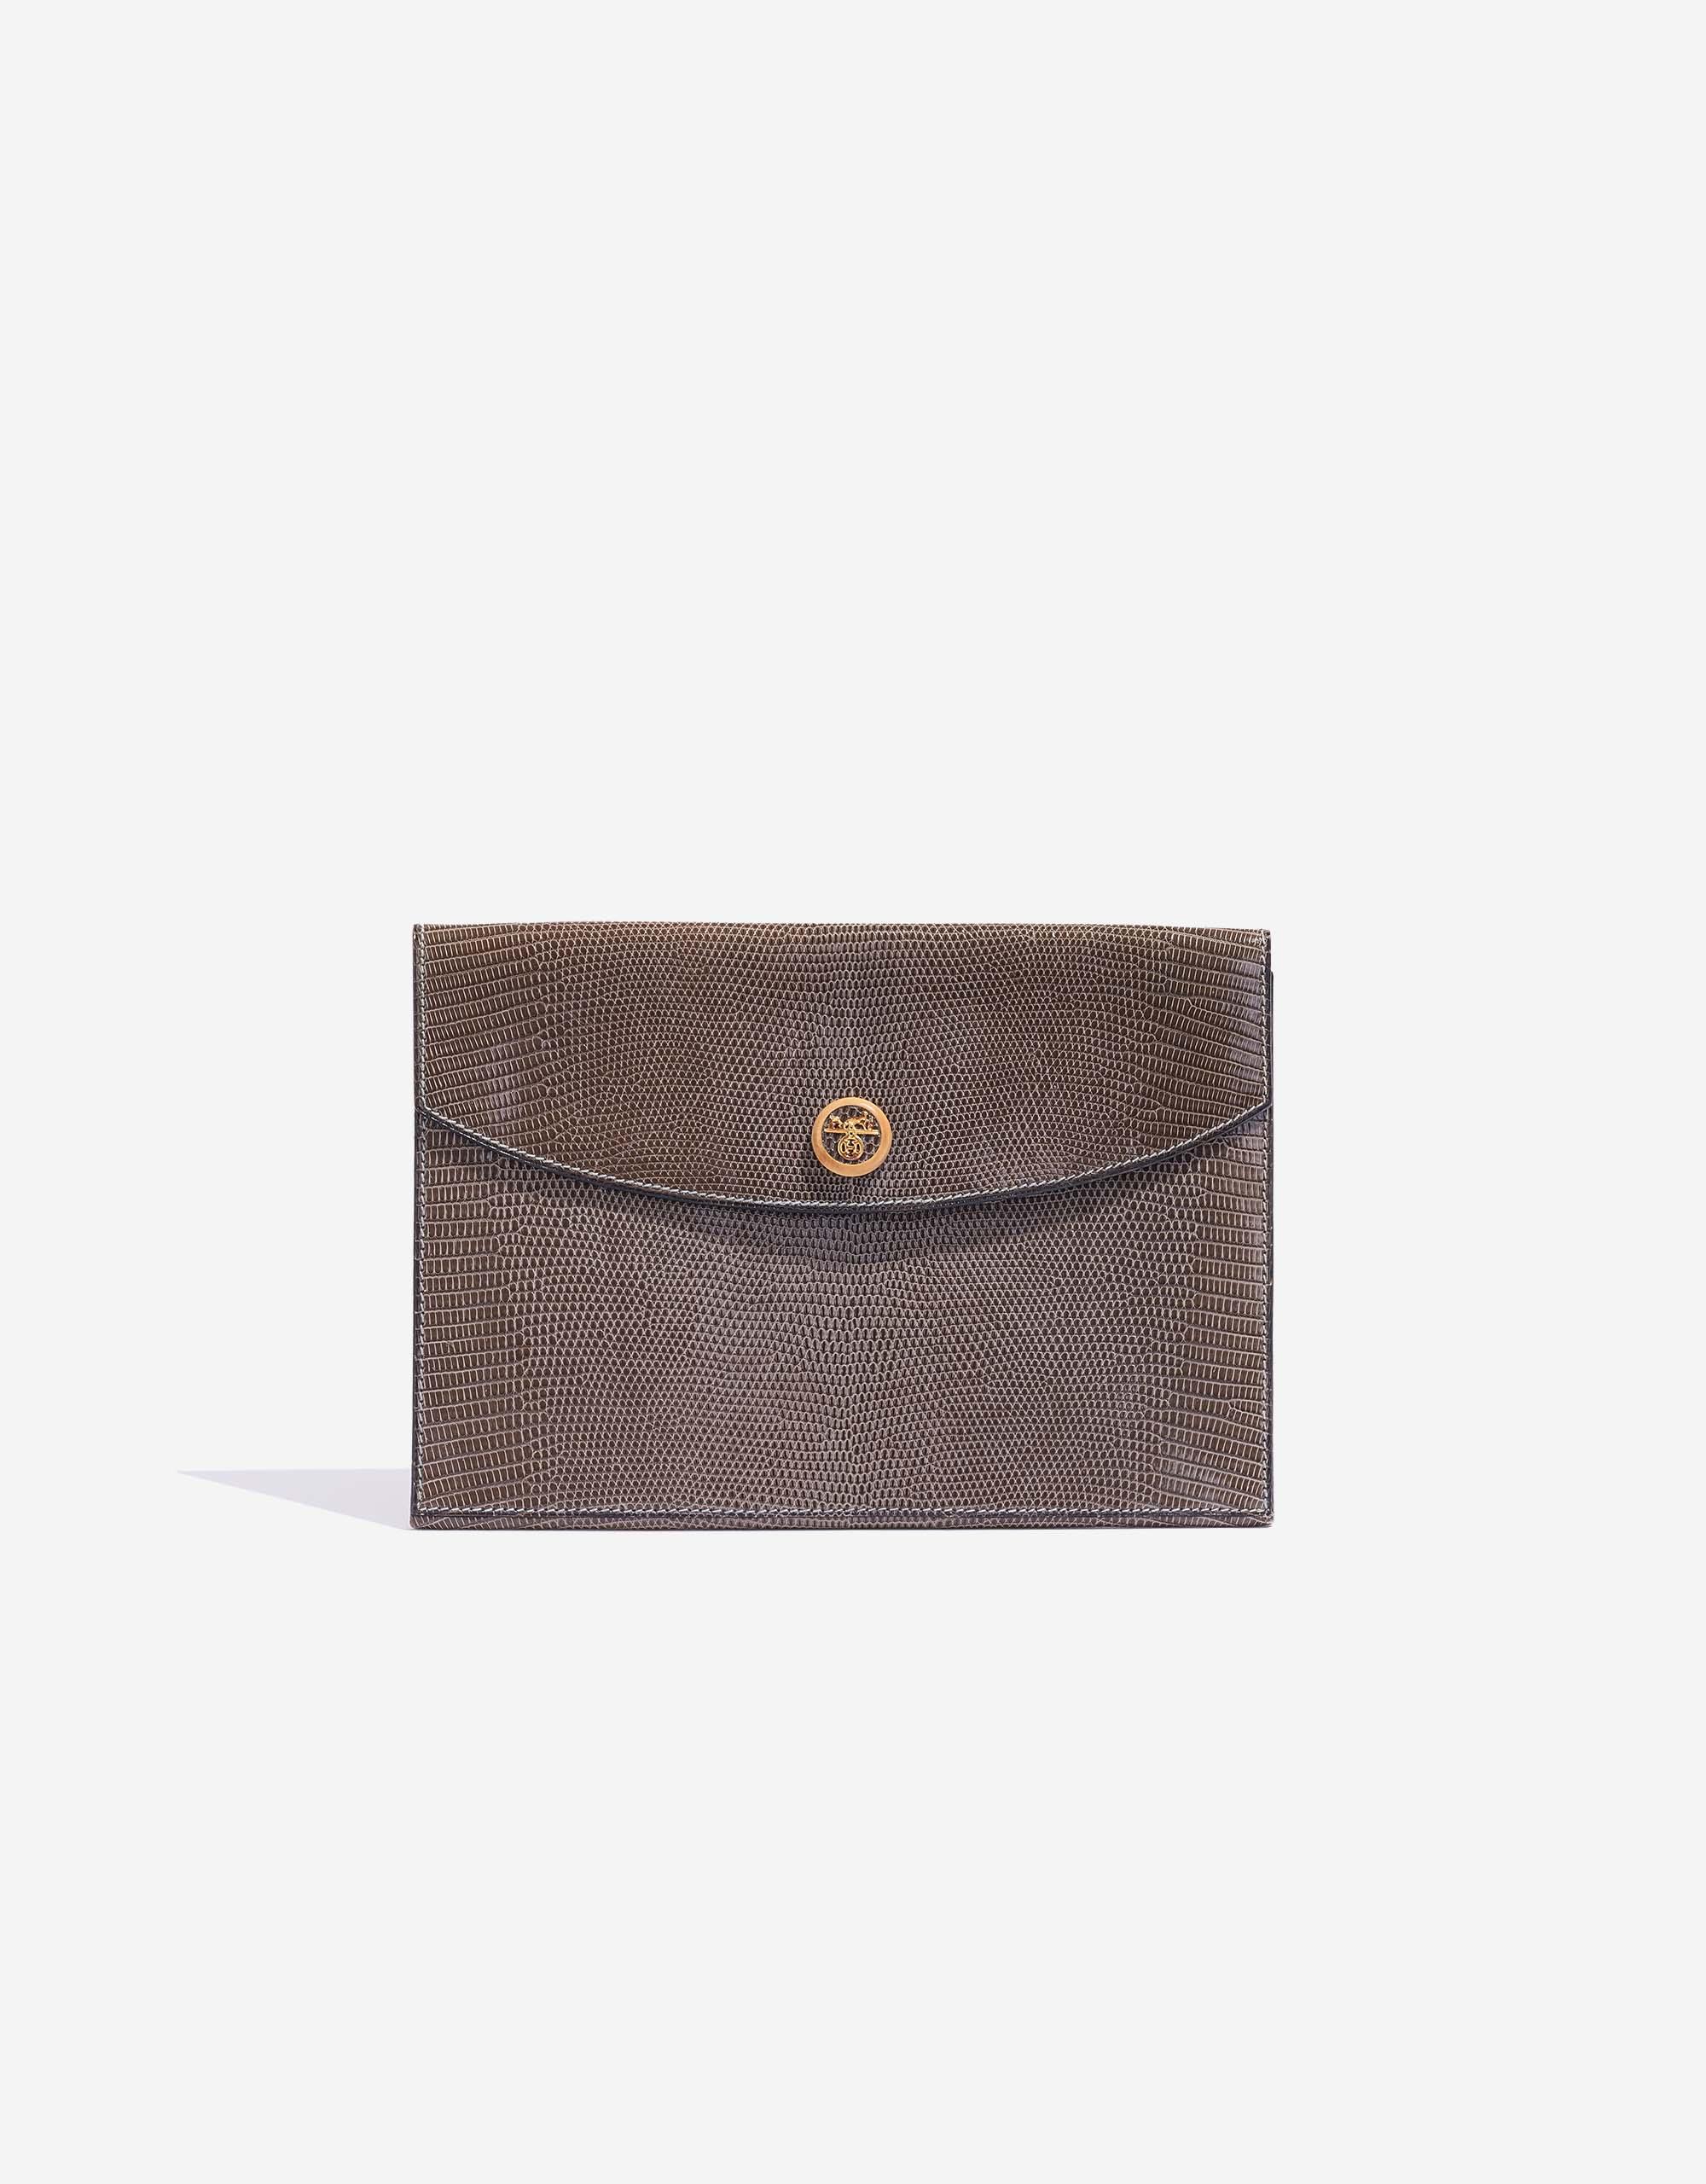 Hermès Rio Lizard Gris Fonce Clutch Bag   SACLÀB